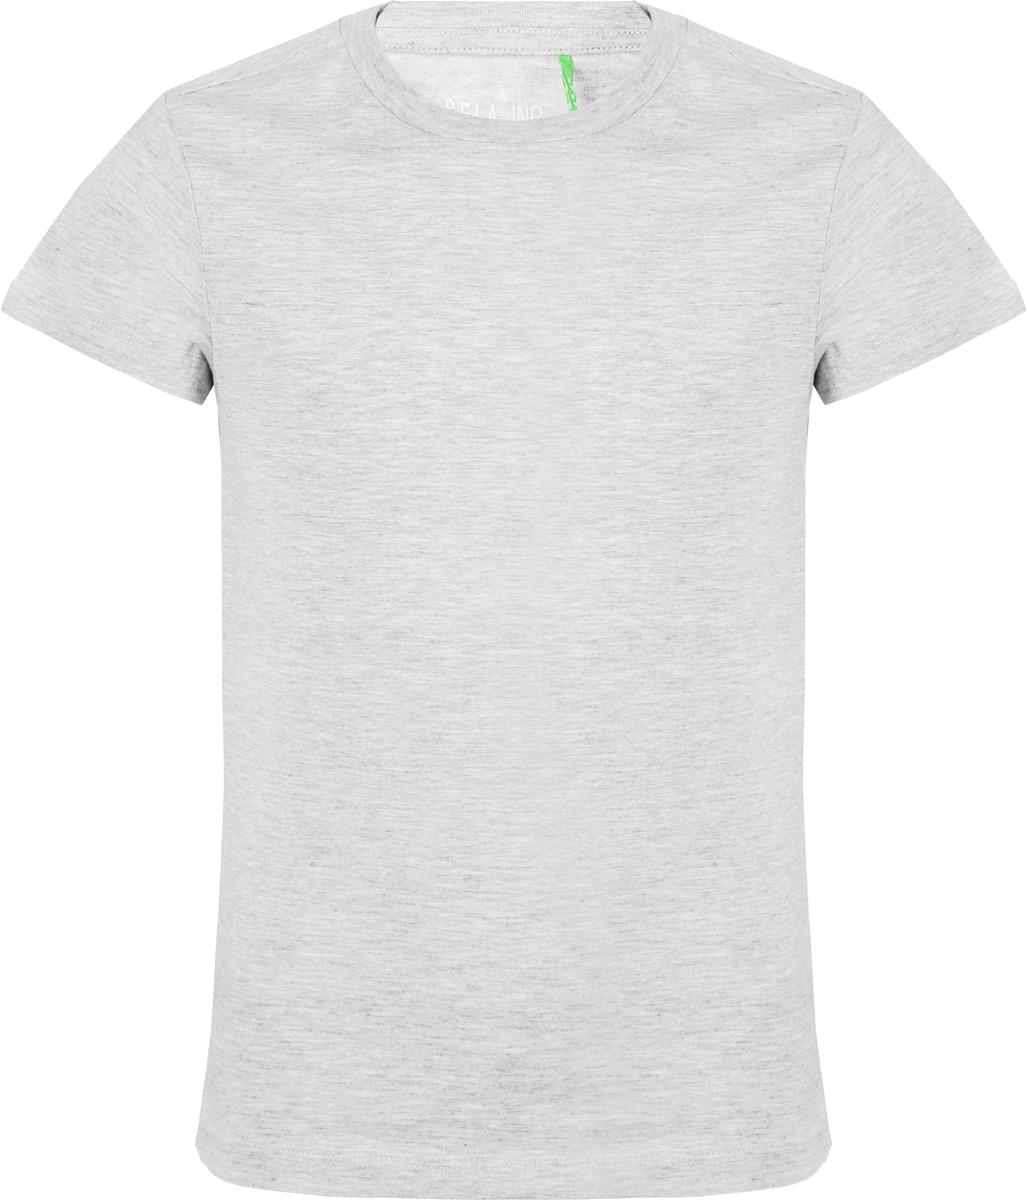 Футболка для мальчика Sela, цвет: серый меланж. Ts-811/1101-8320. Размер 152